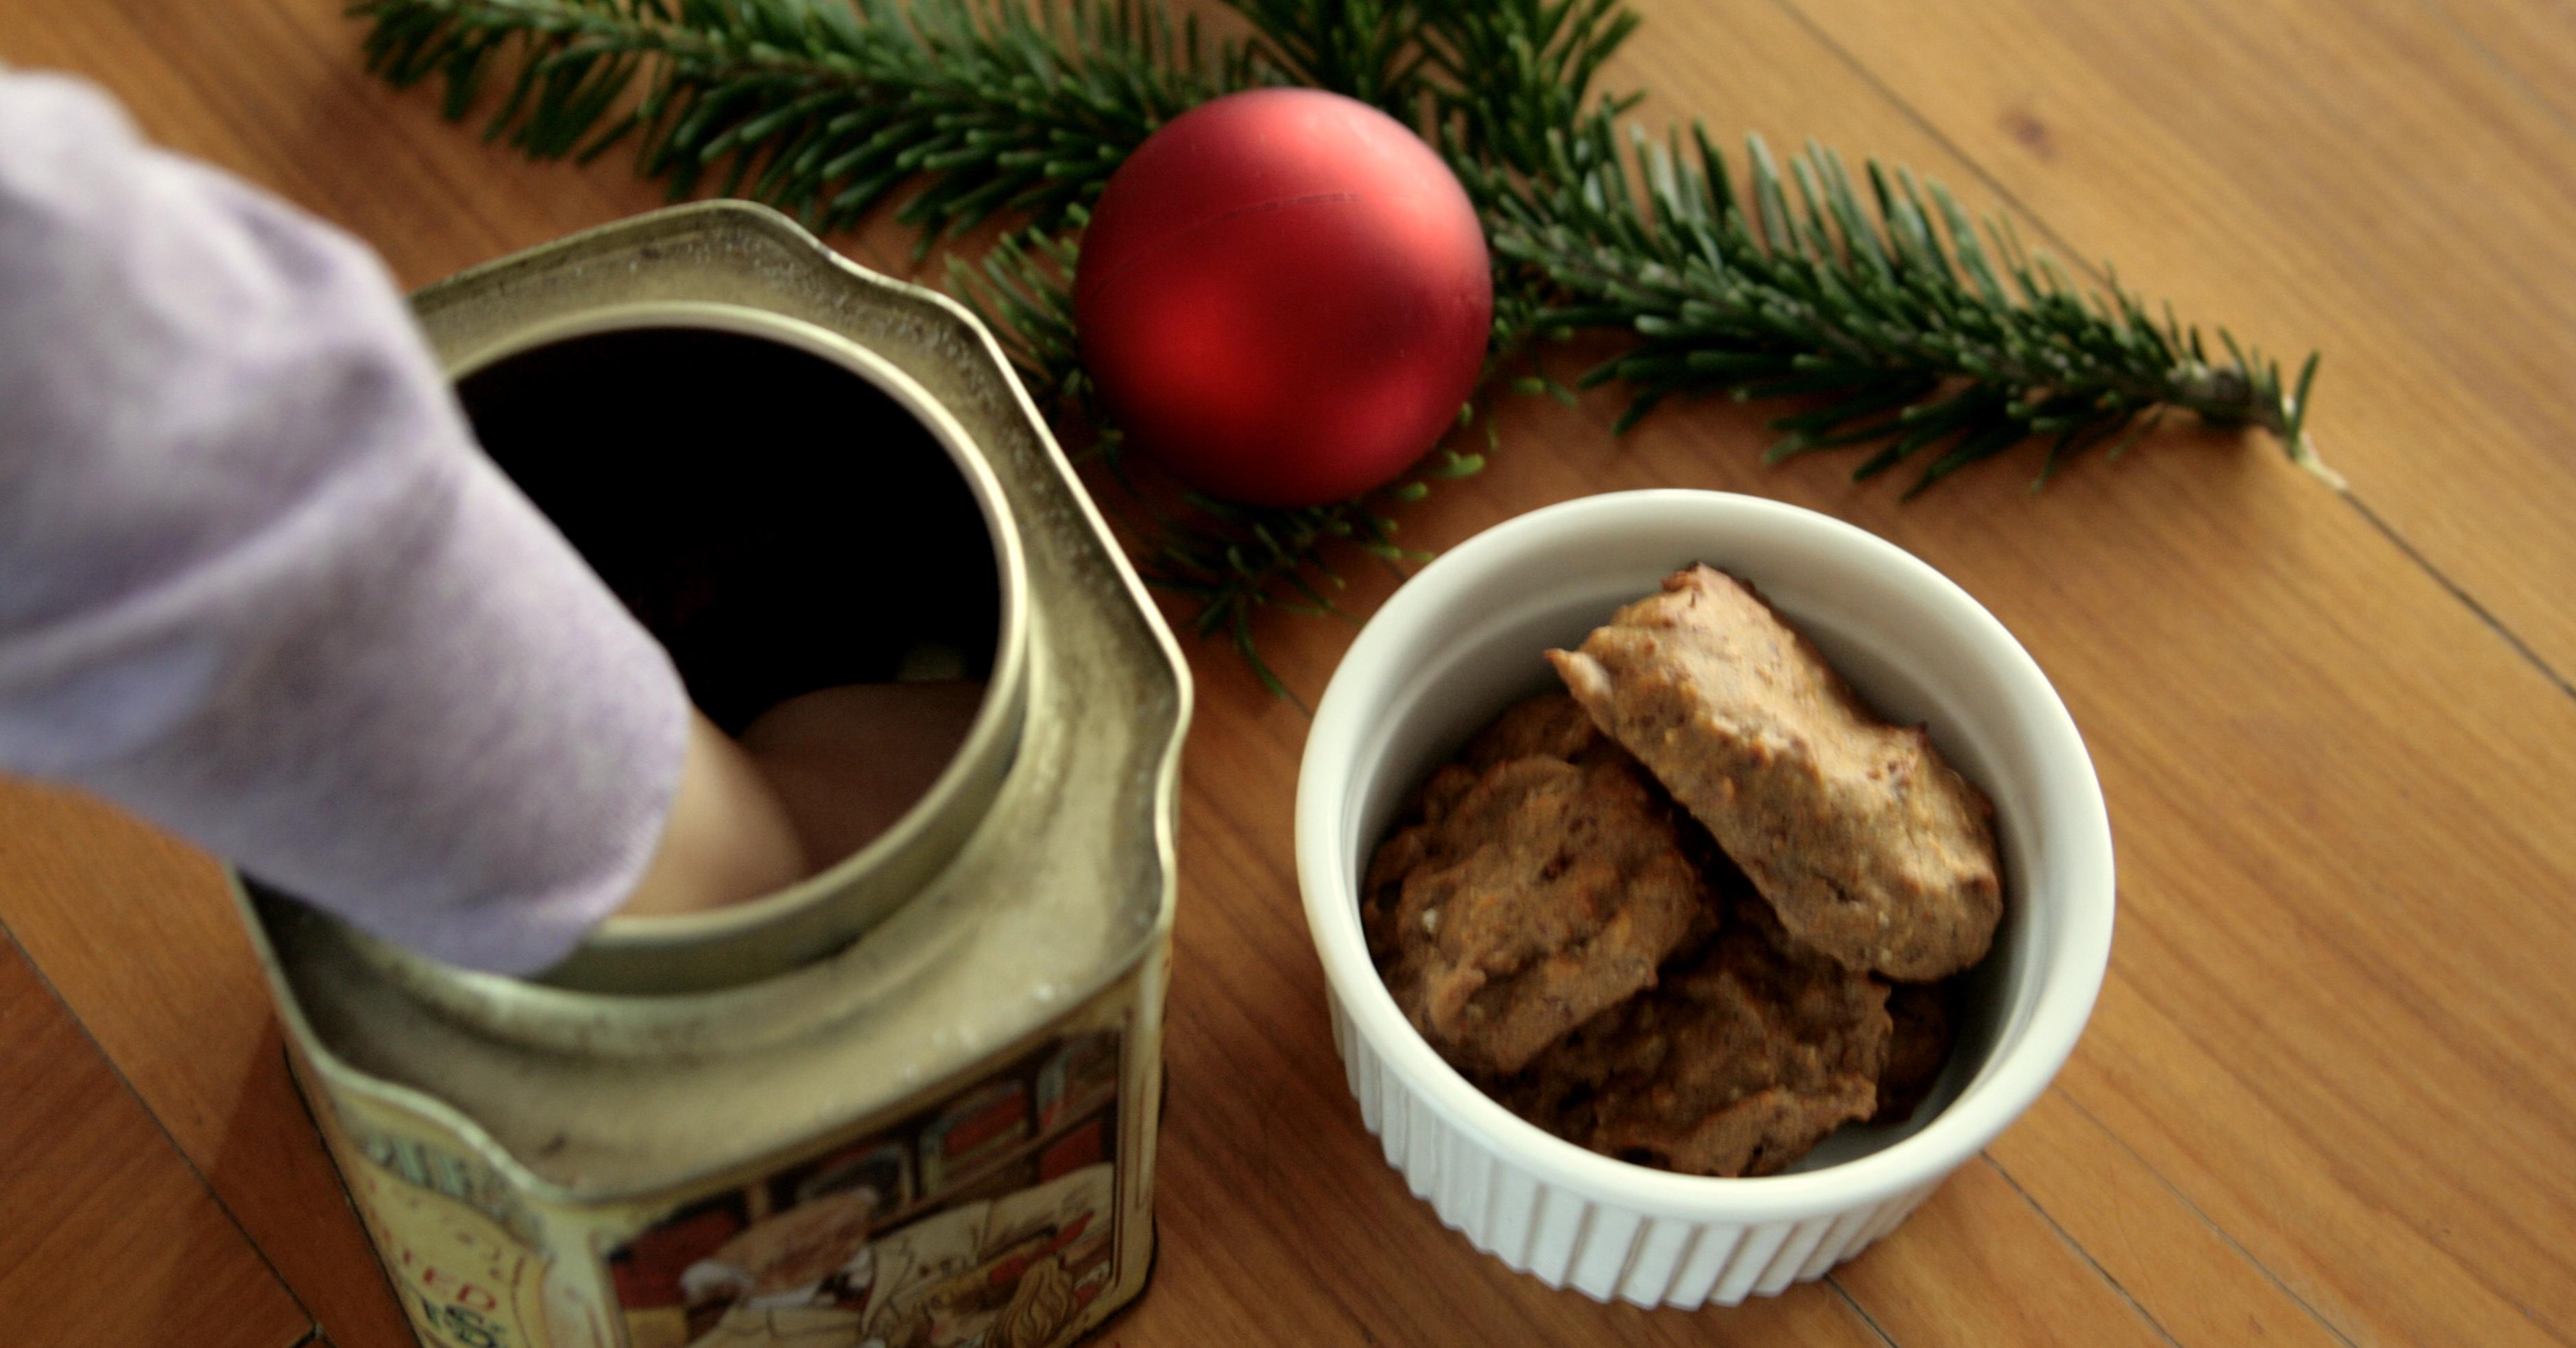 Żytnio-marchewkowe pierniczki dla maluszka (od 11 miesiąca życia)